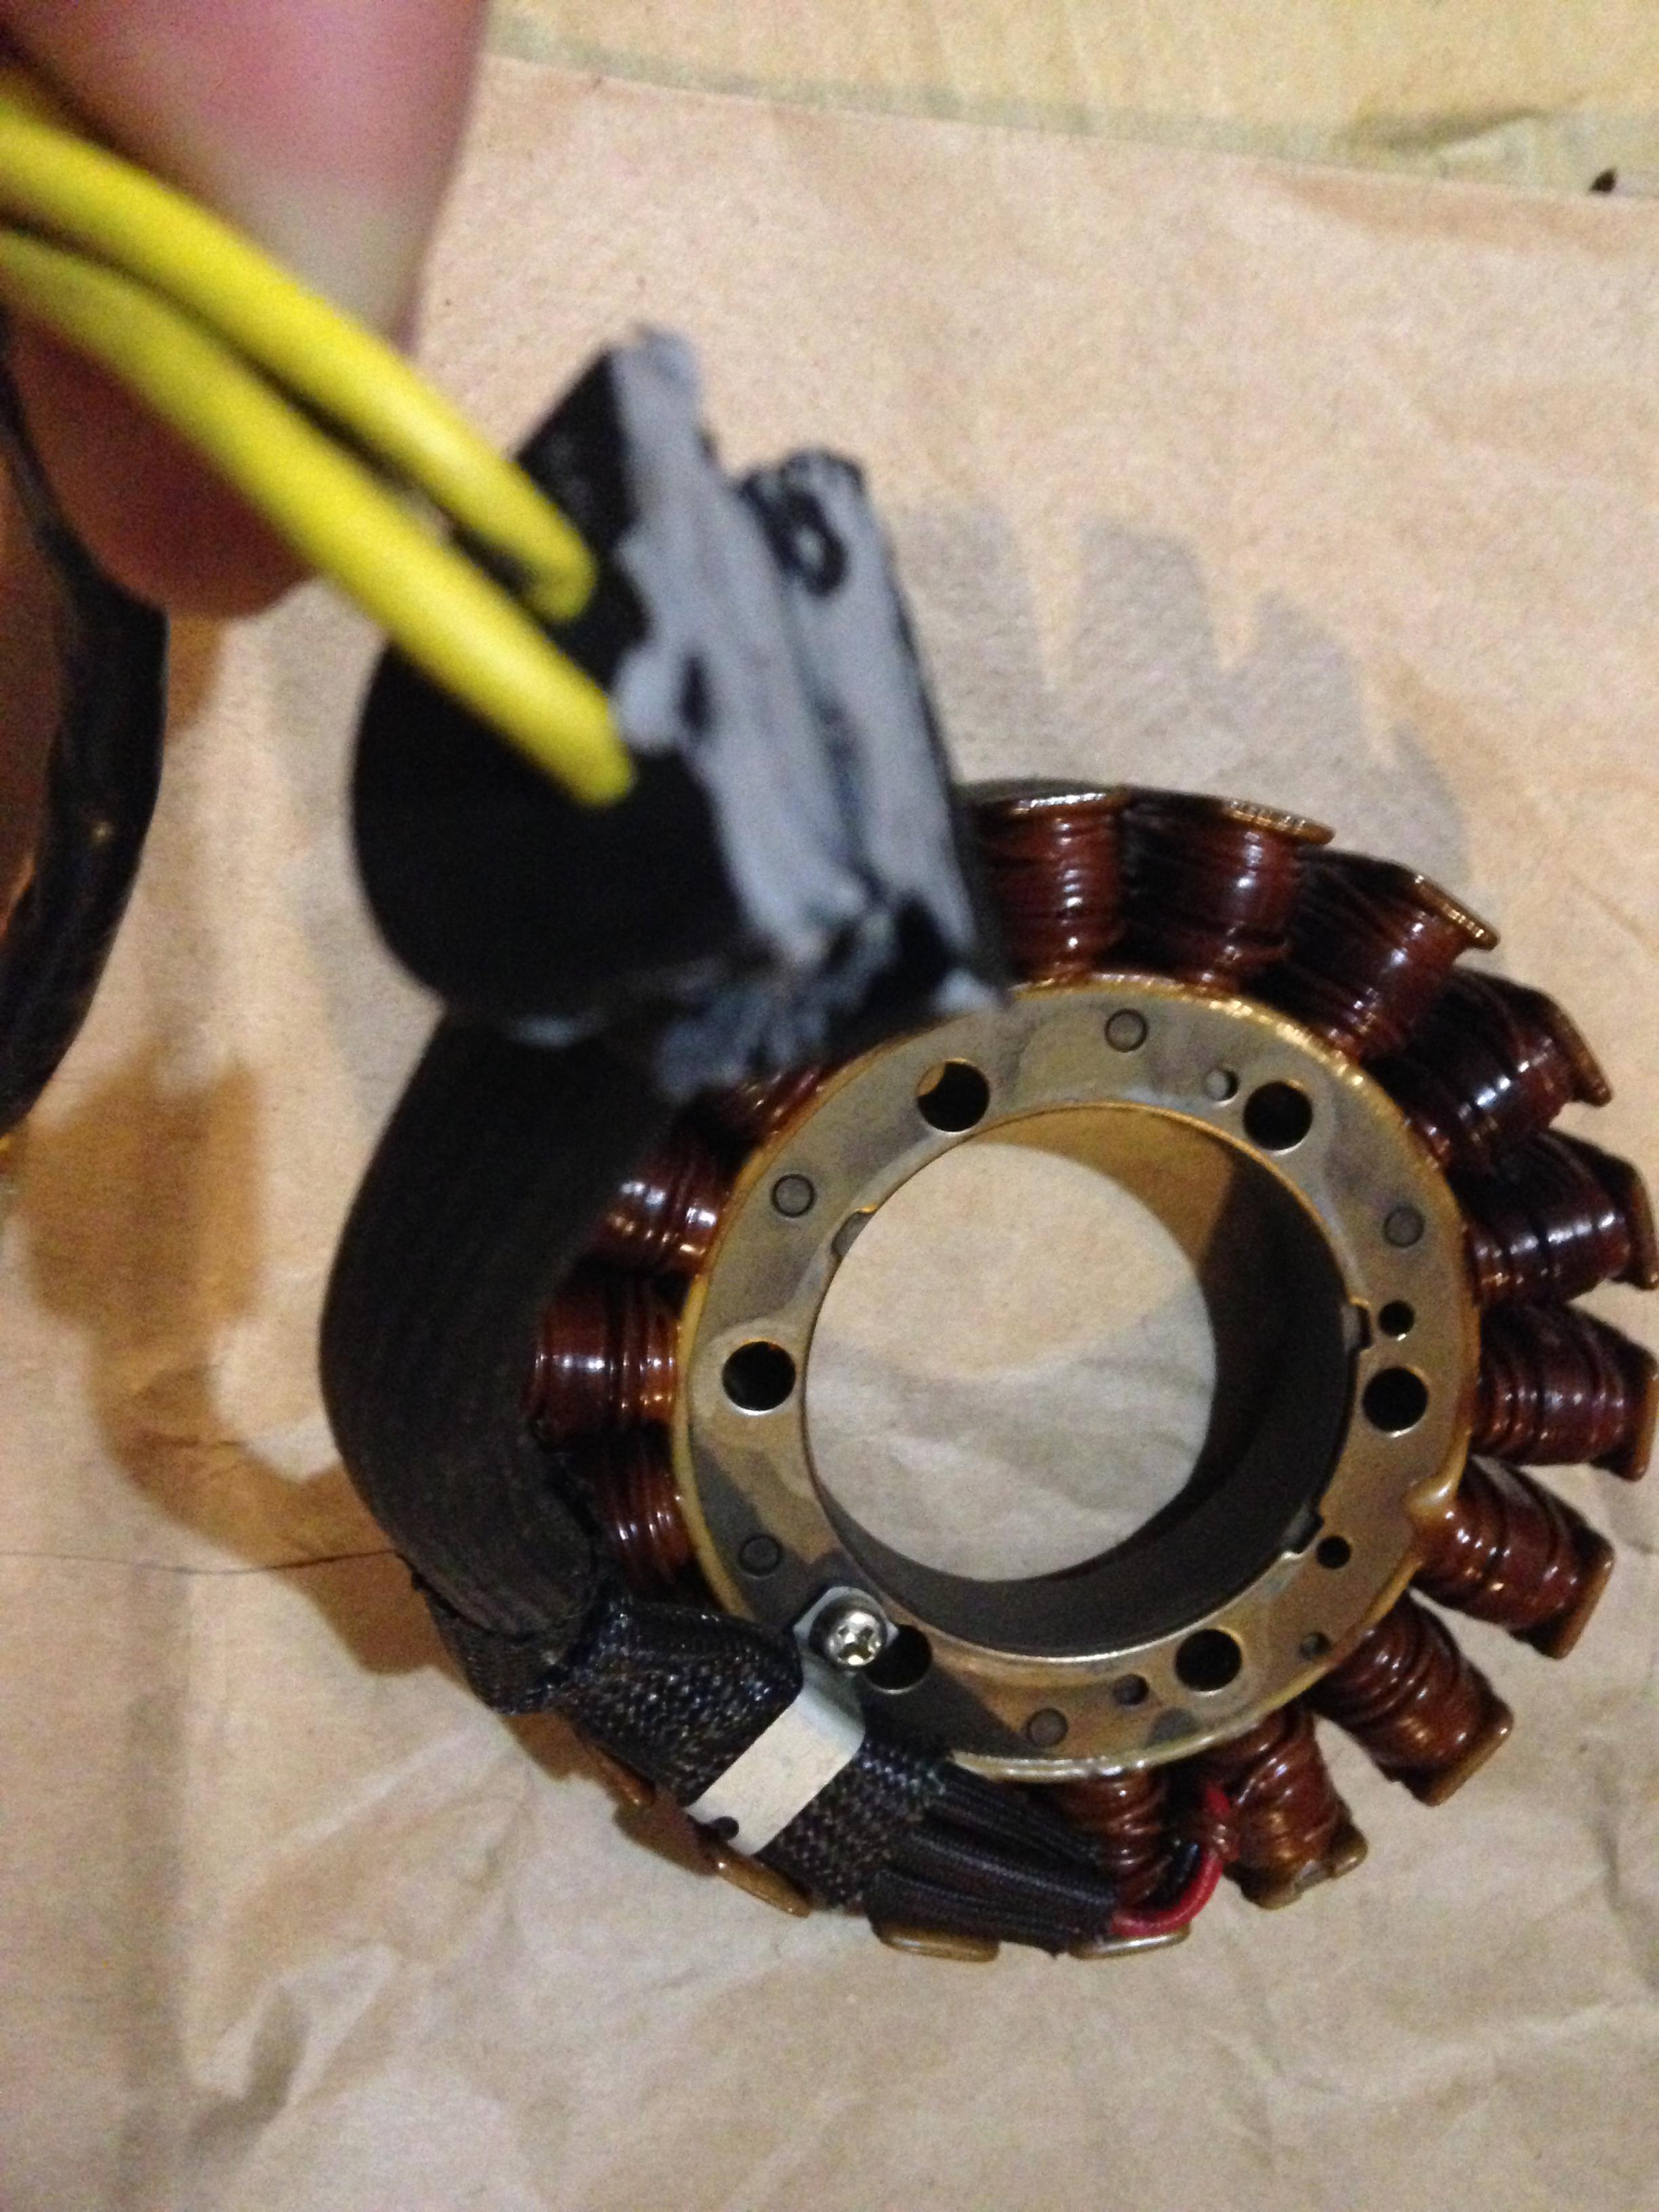 oil pushing through alternator stator wires ducati org forum the rh ducati org Alternator Wiring Schematic Alternator Wiring Schematic